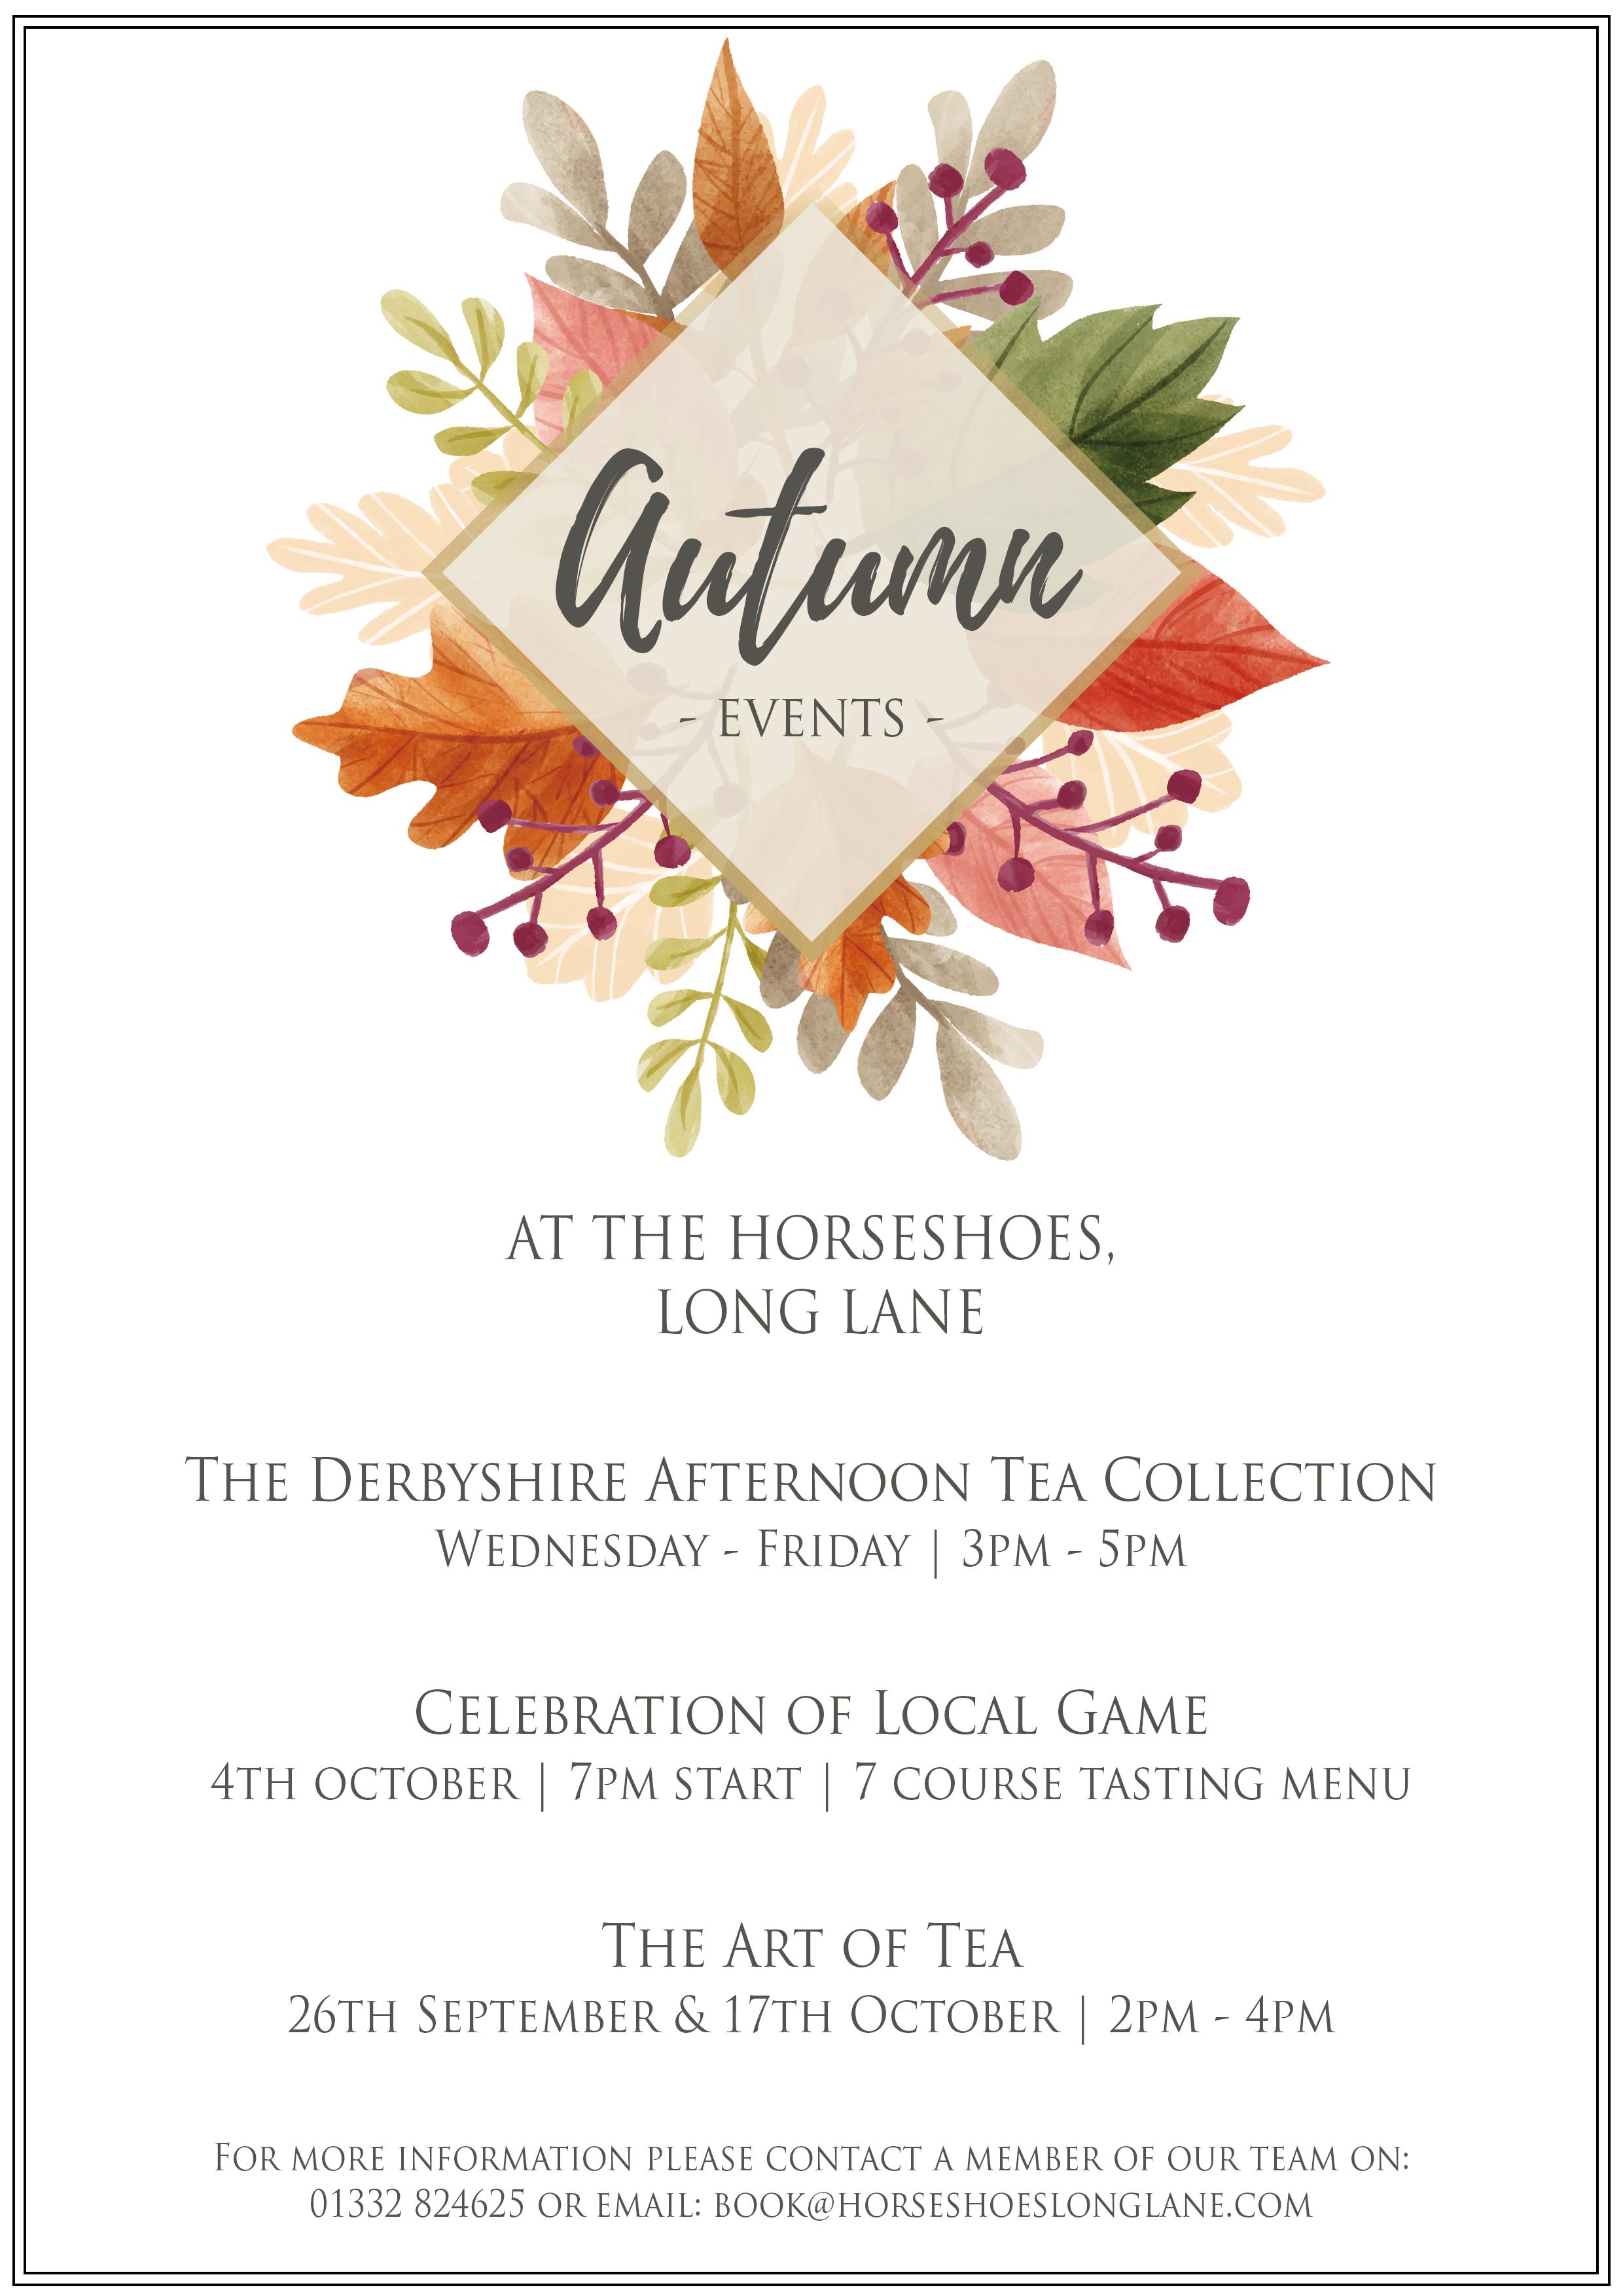 https://www.horseshoeslonglane.co.uk/wp-content/uploads/2018/09/HS-autumn-events.jpg